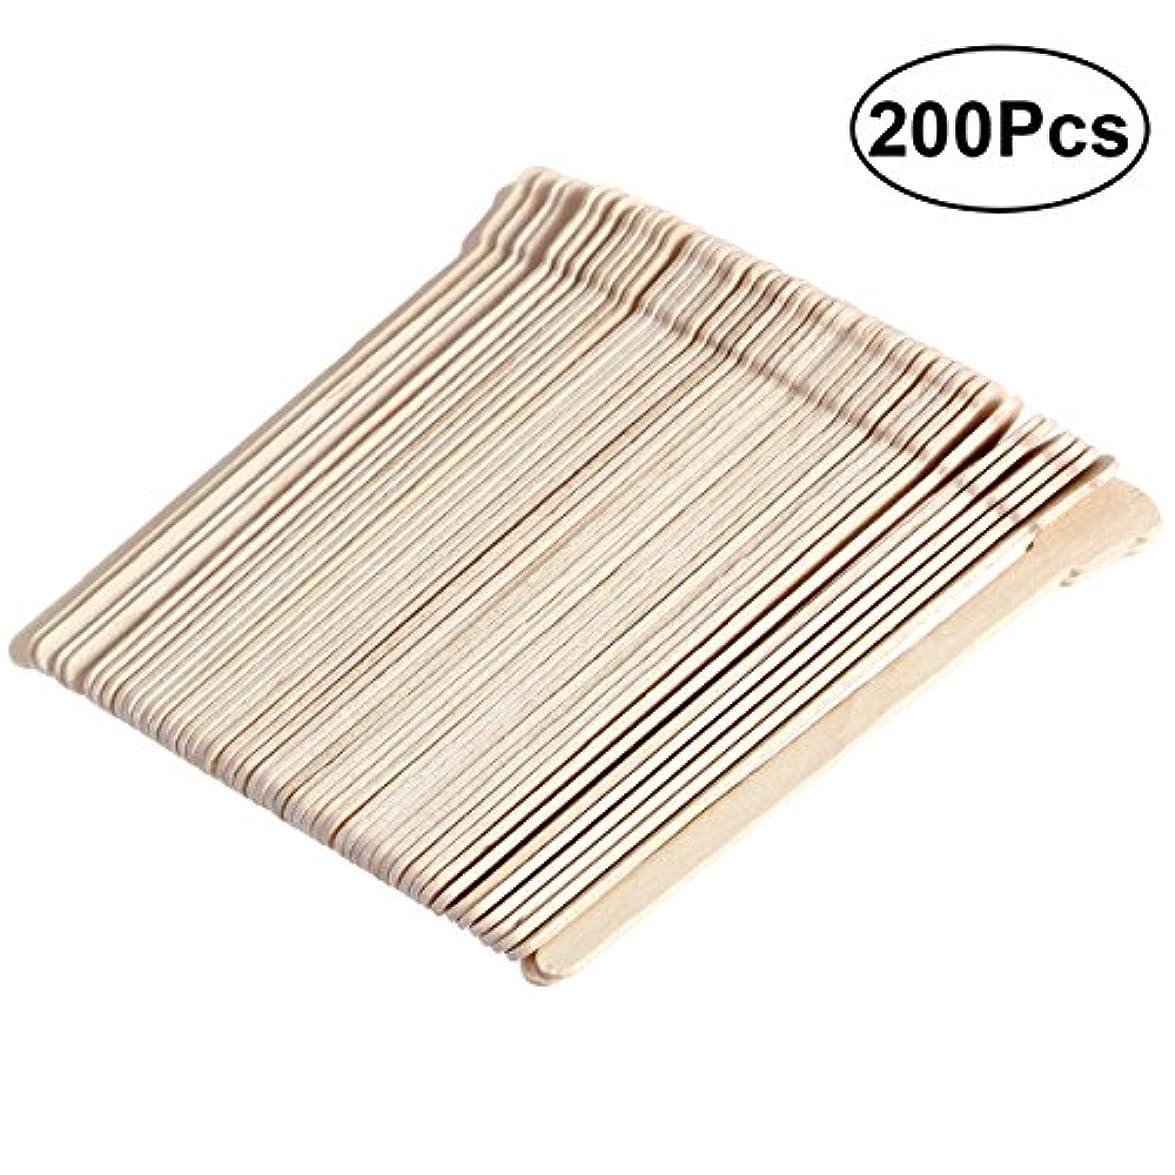 SUPVOX 200ピース木製ワックススティックフェイス眉毛ワックスへら脱毛(オリジナル木製色)